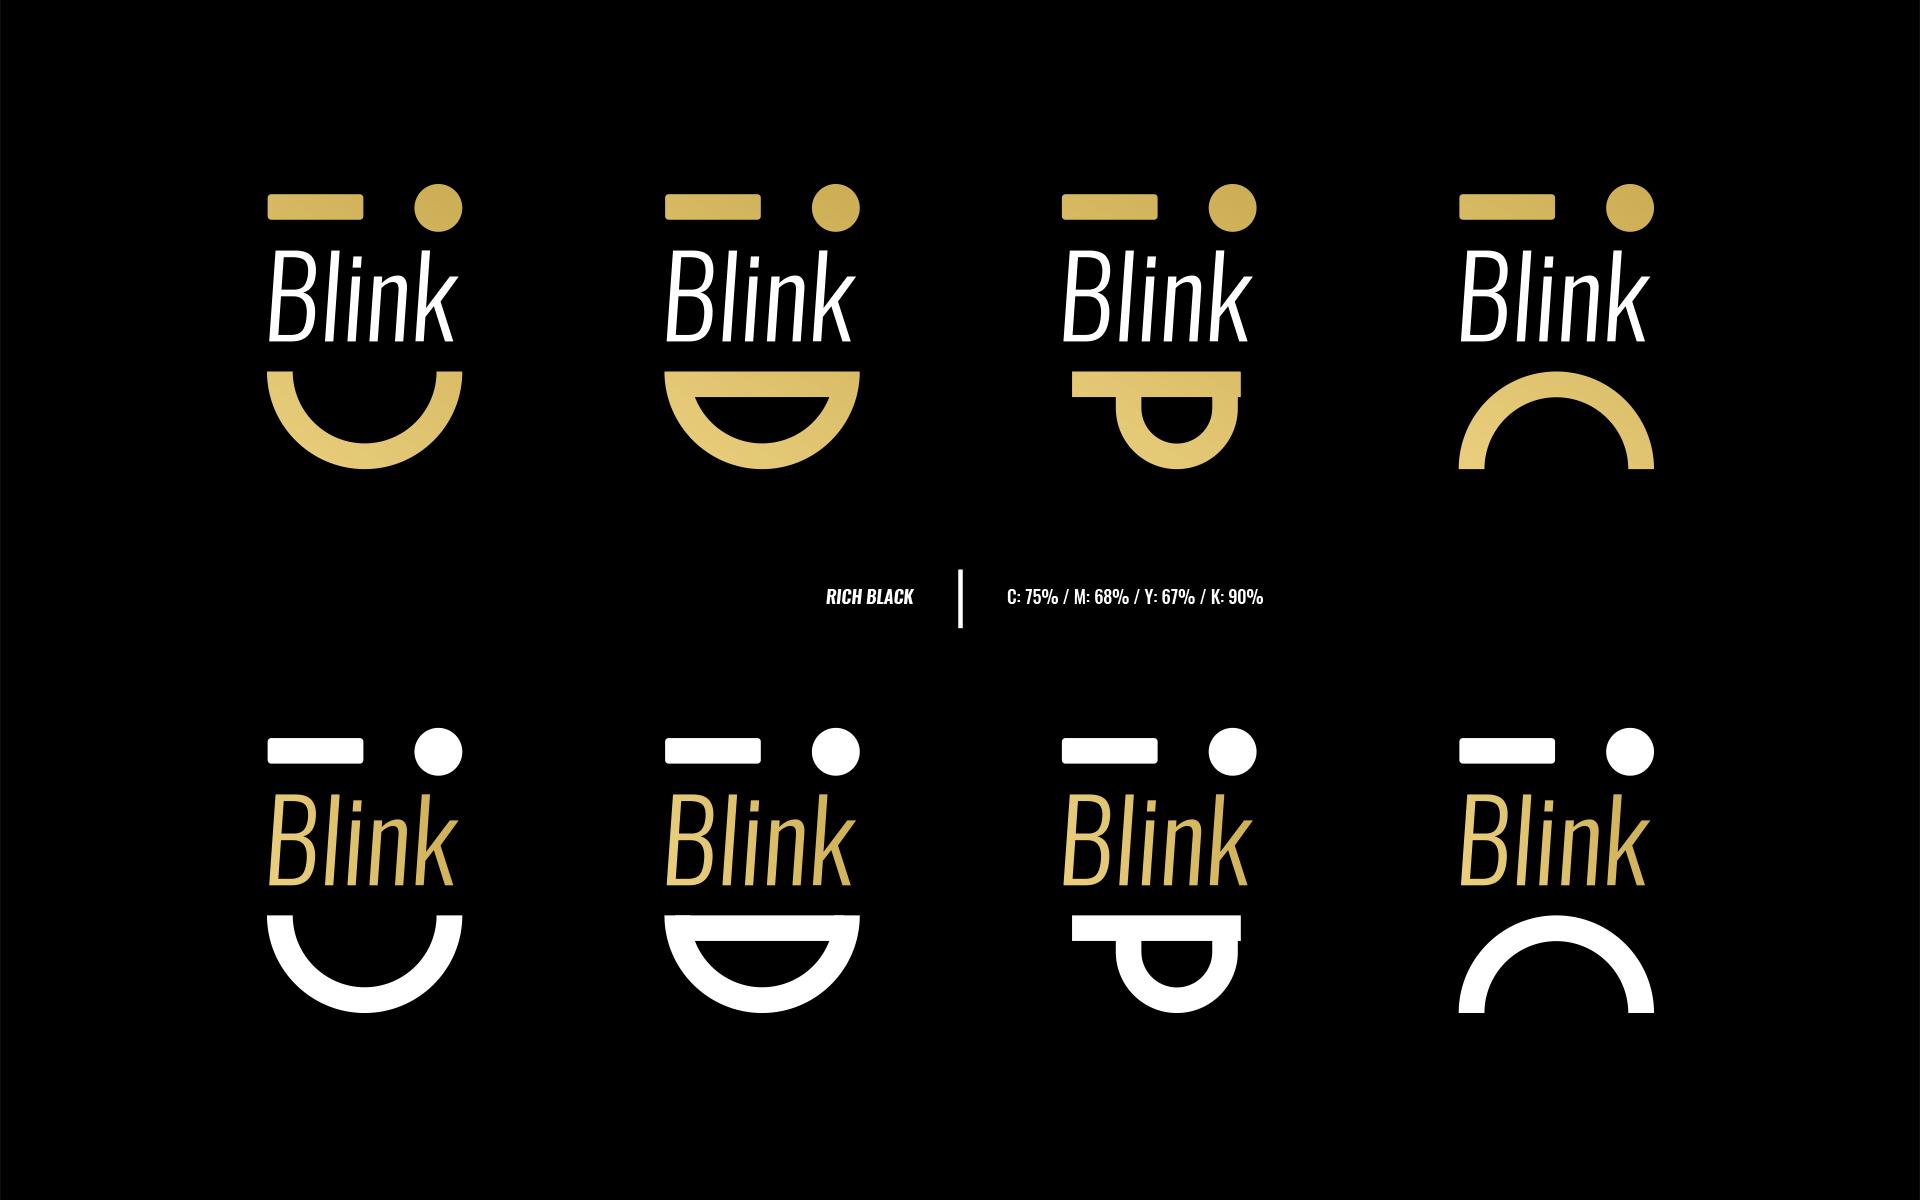 mood-d designed logo BLINK 2.jpg